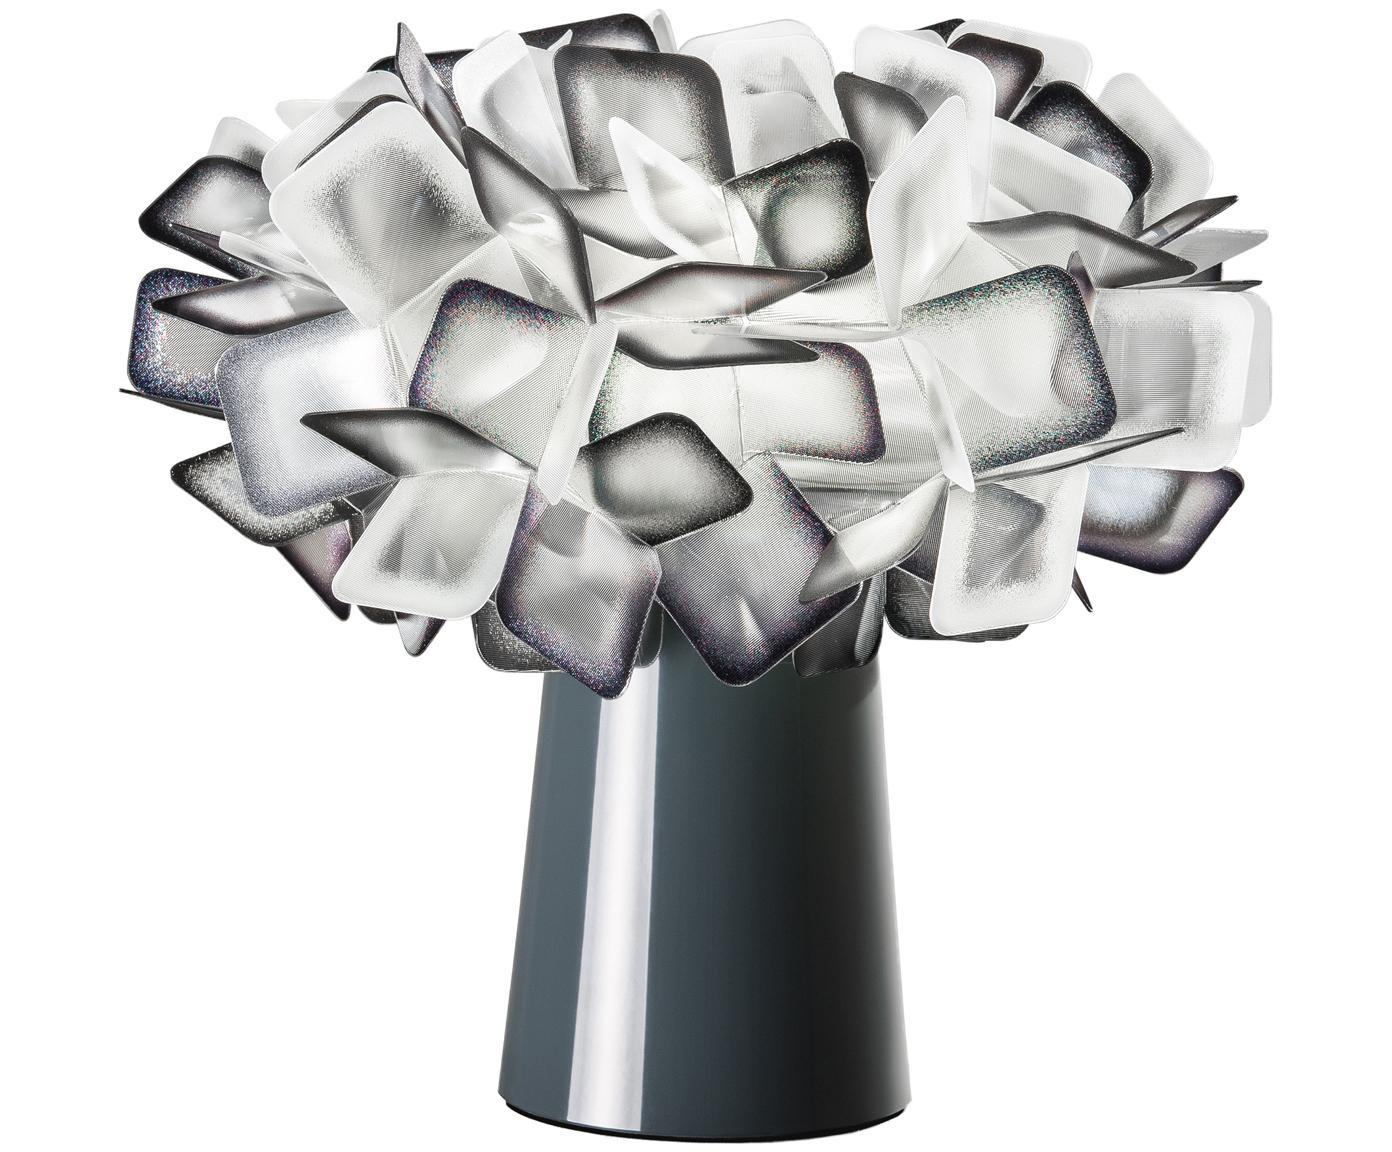 Design-Tischleuchte Clizia, Lampenschirm: Technopolymere Lentiflex®, Lampenfuß: Stahl, beschichtet, Transparent, Schwarz, Ø 27 x H 25 cm